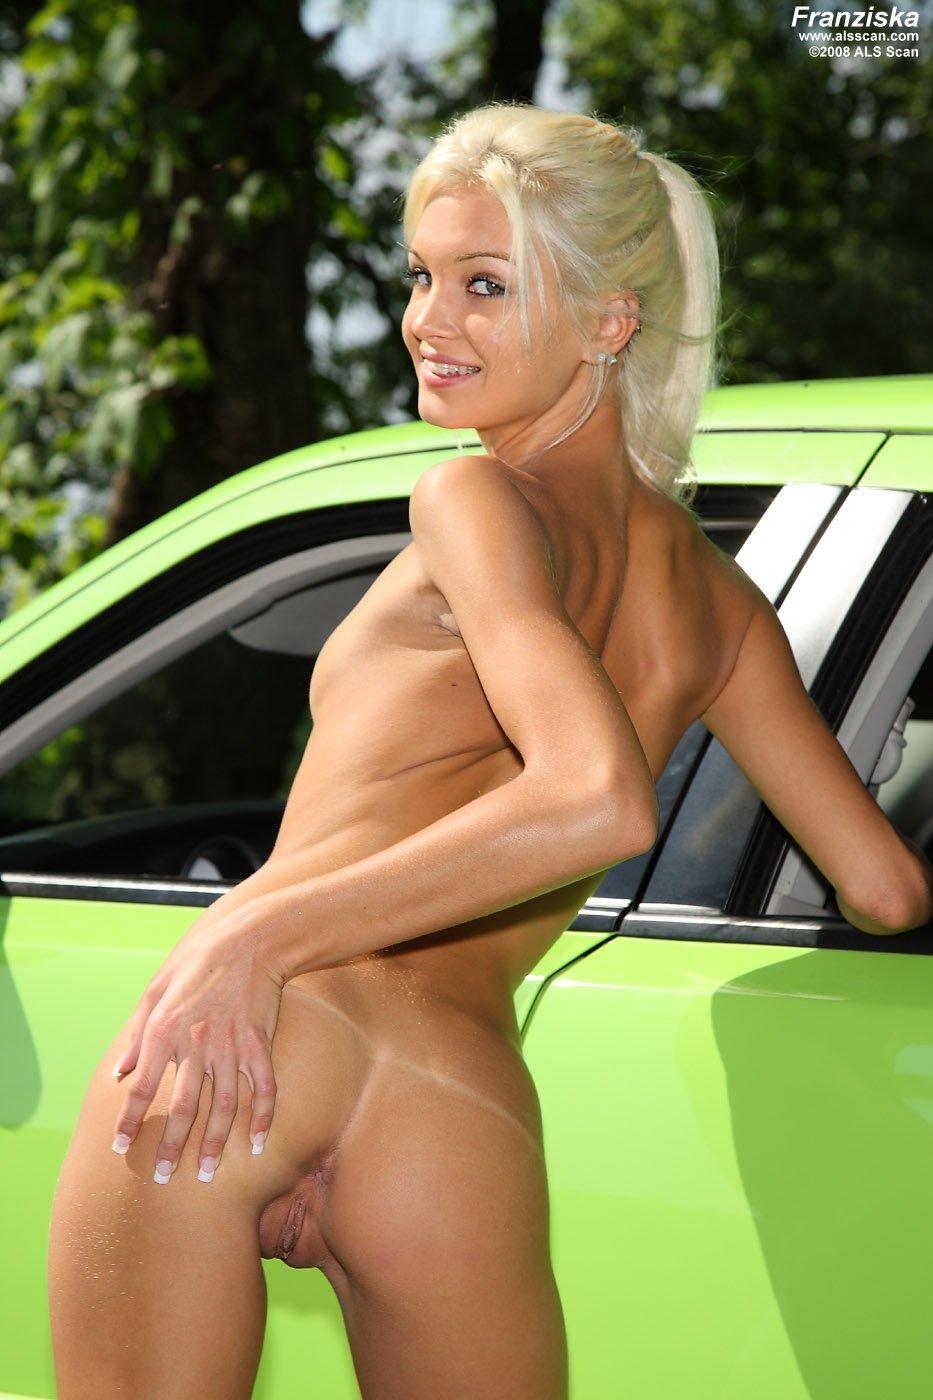 Стройная милашка с маленькими буферами Franziska Facella сладко фоткается у машины